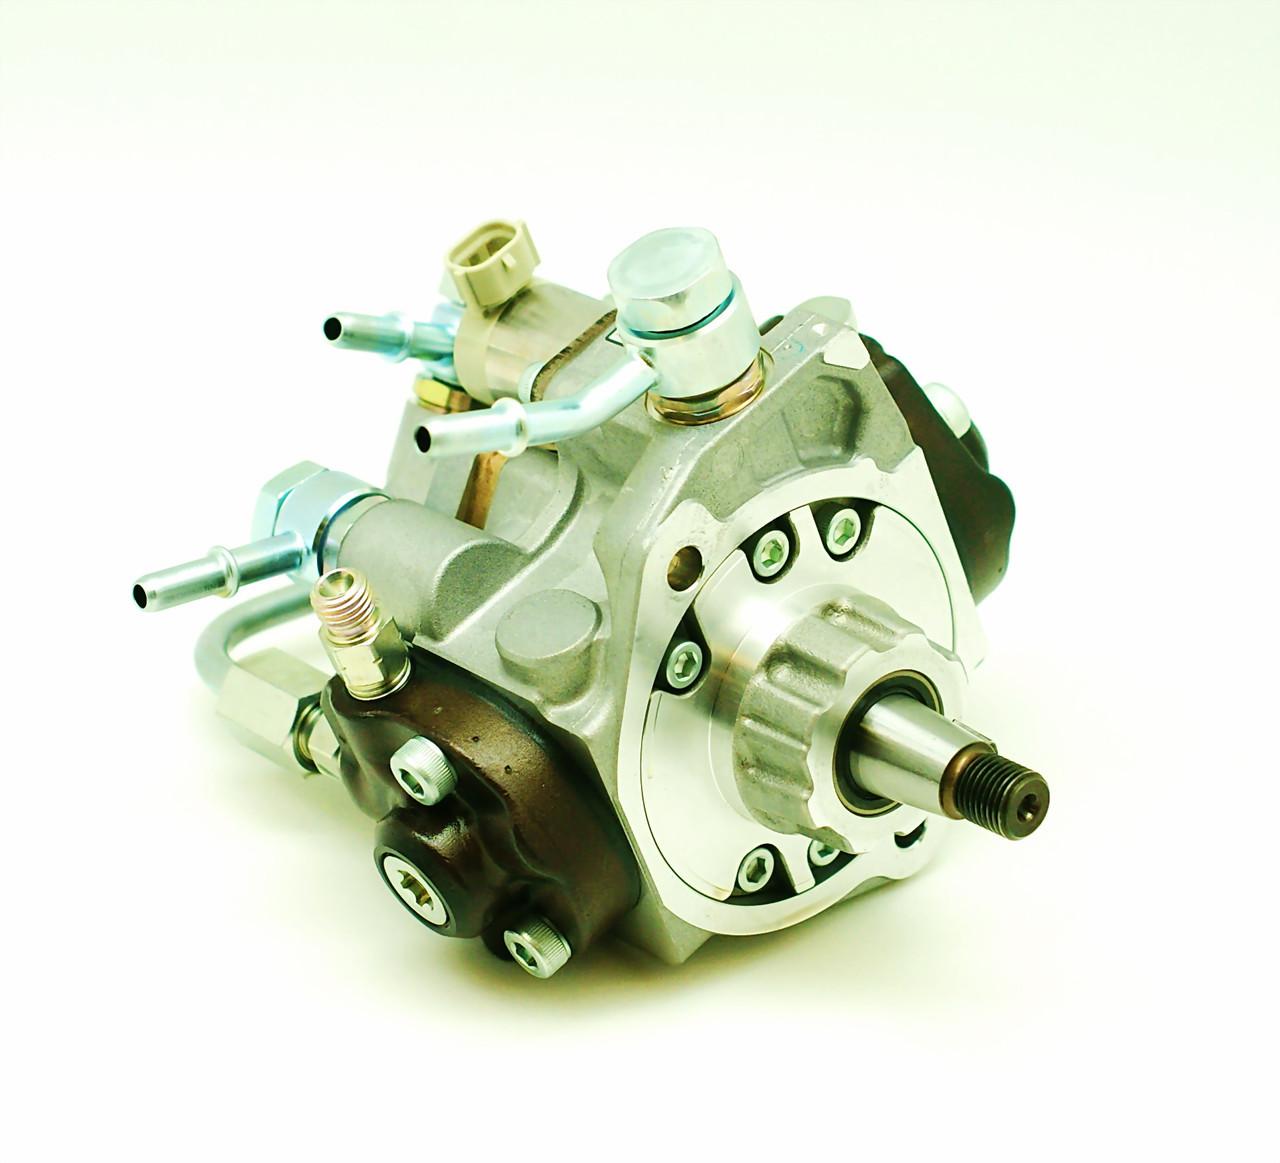 Топливный насос высокого давления DENSO для двигателя Cummins Евро-4 5294402